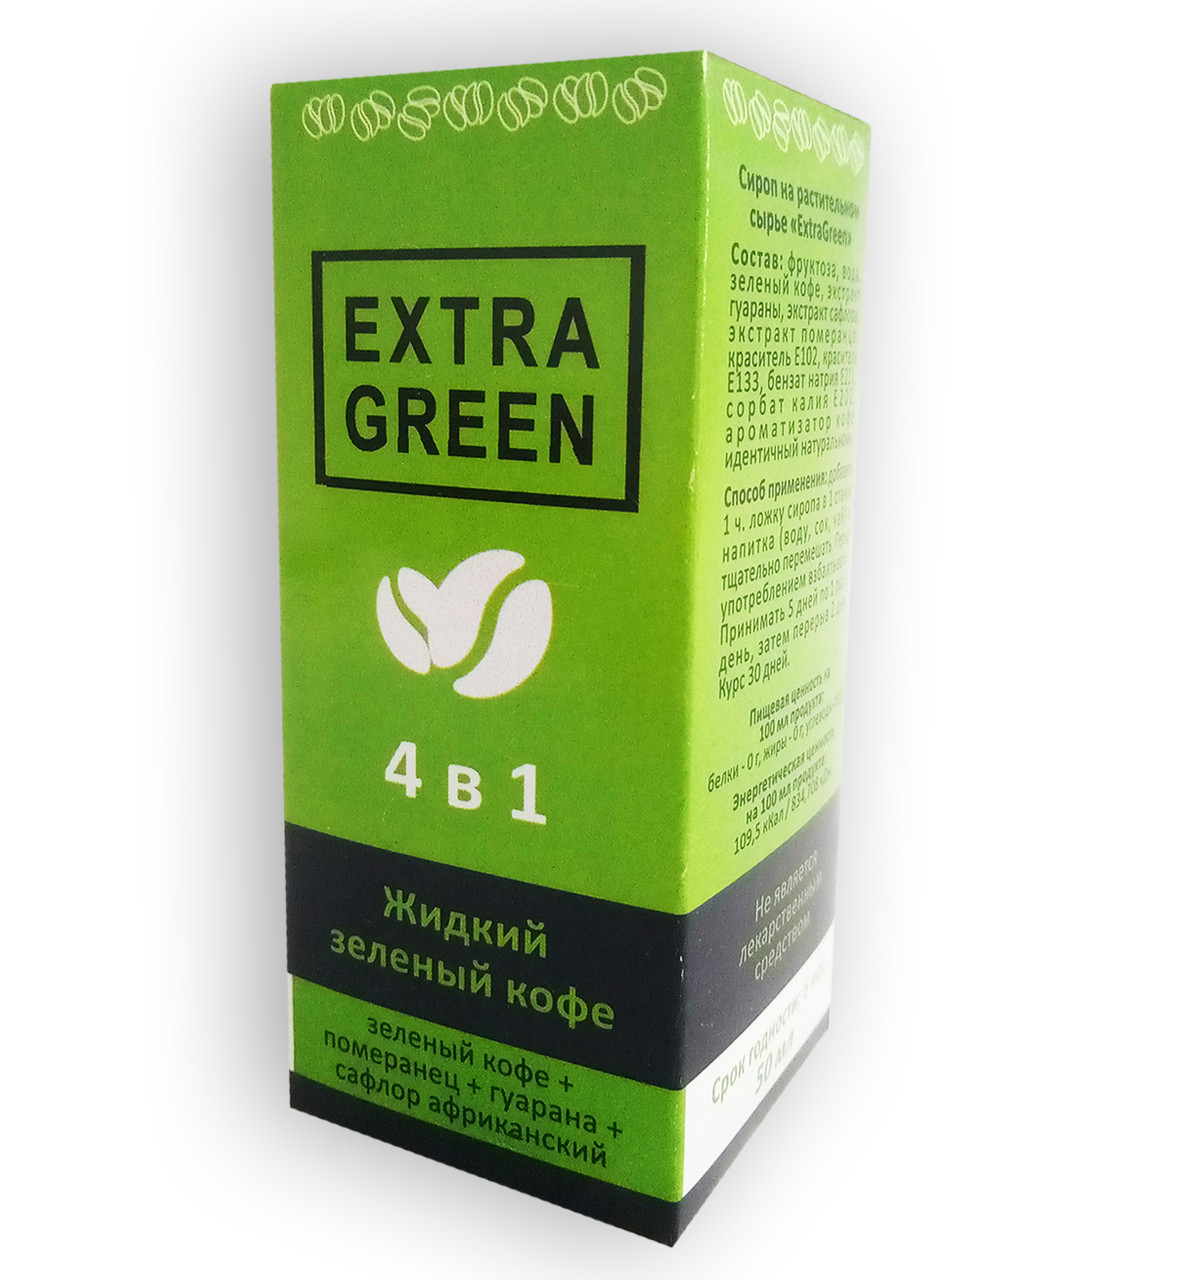 Похудеть с зеленым кофе форум